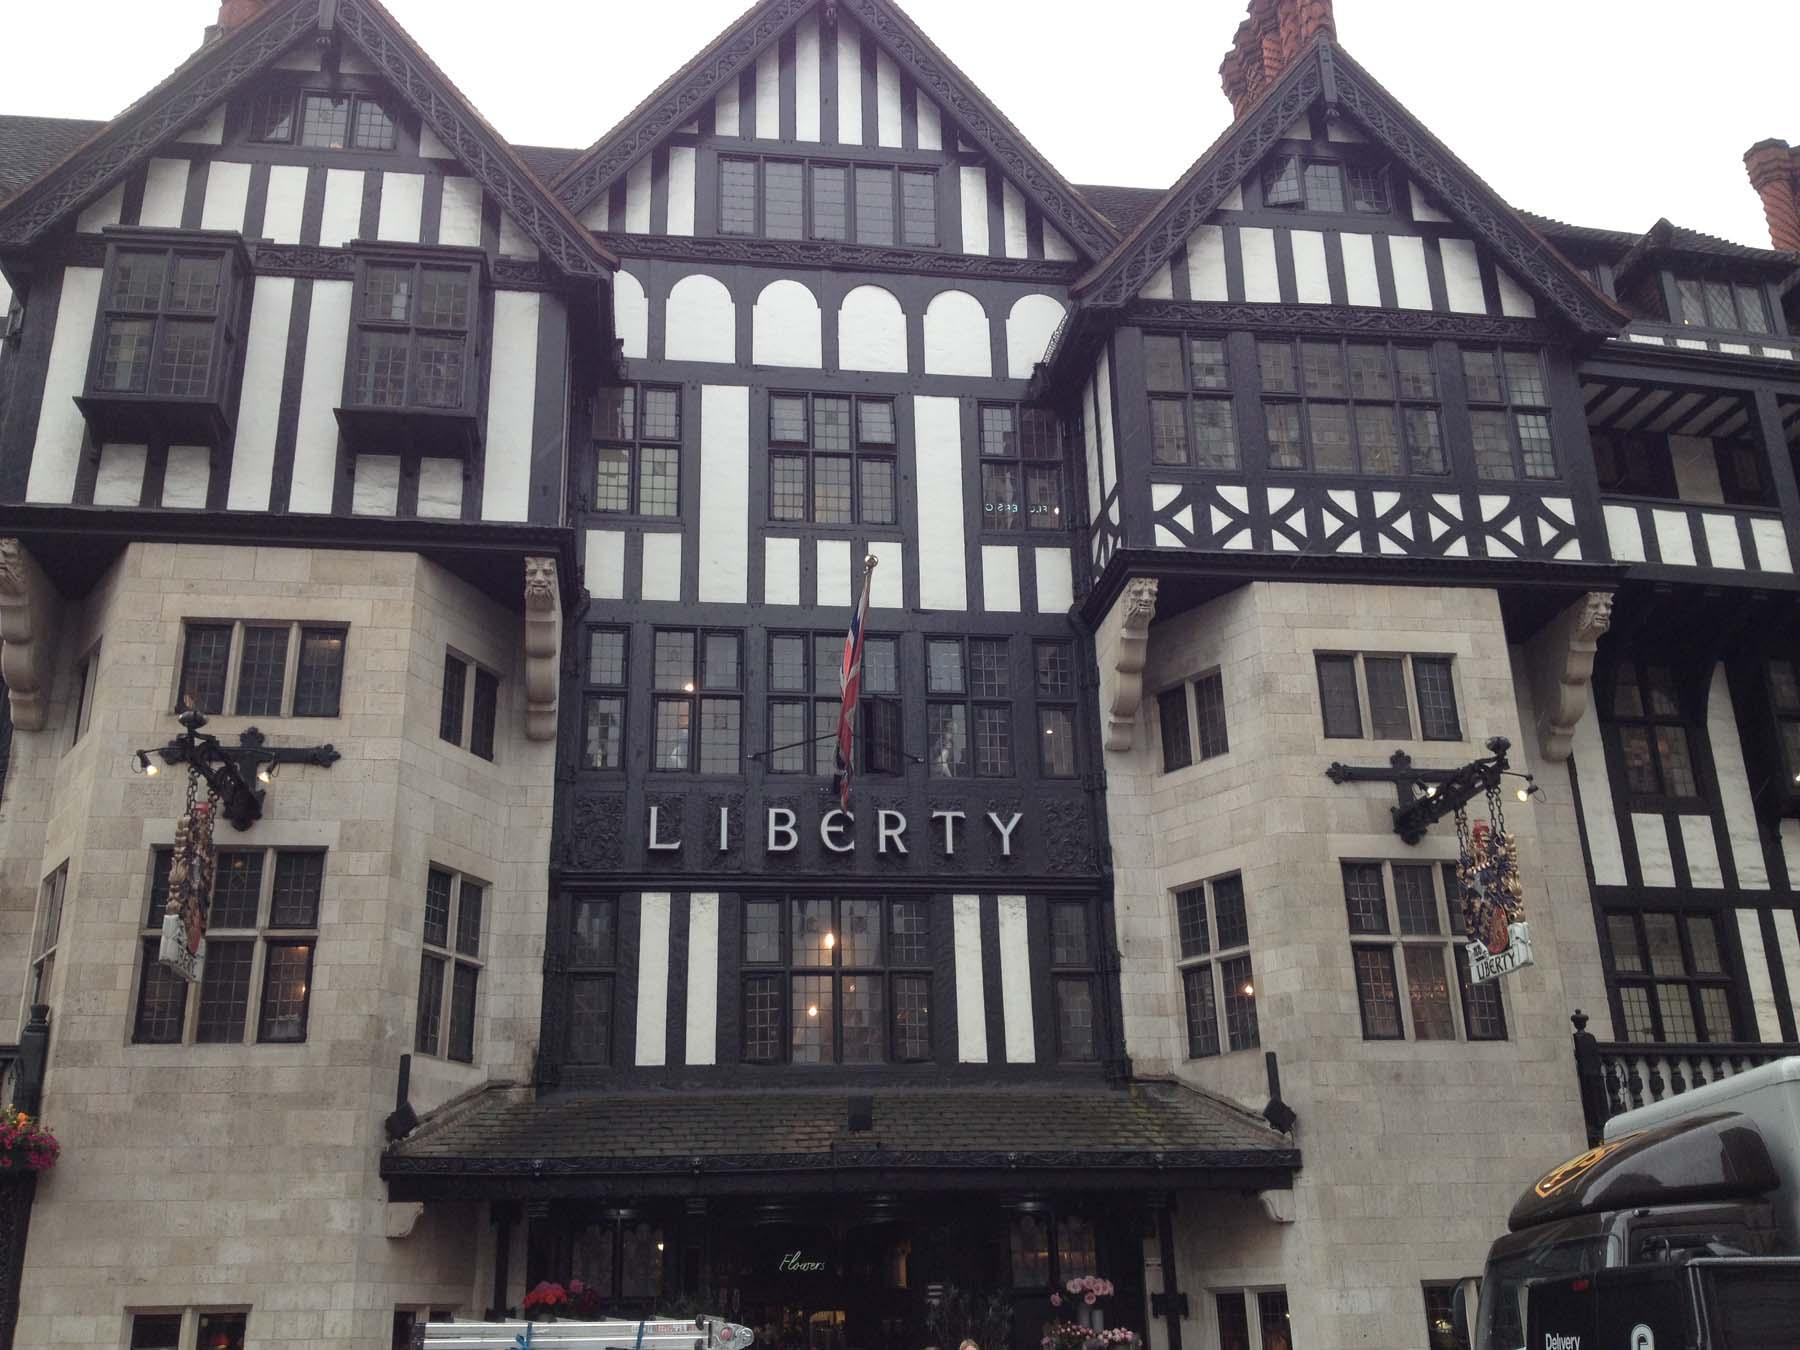 Outside of Libertys